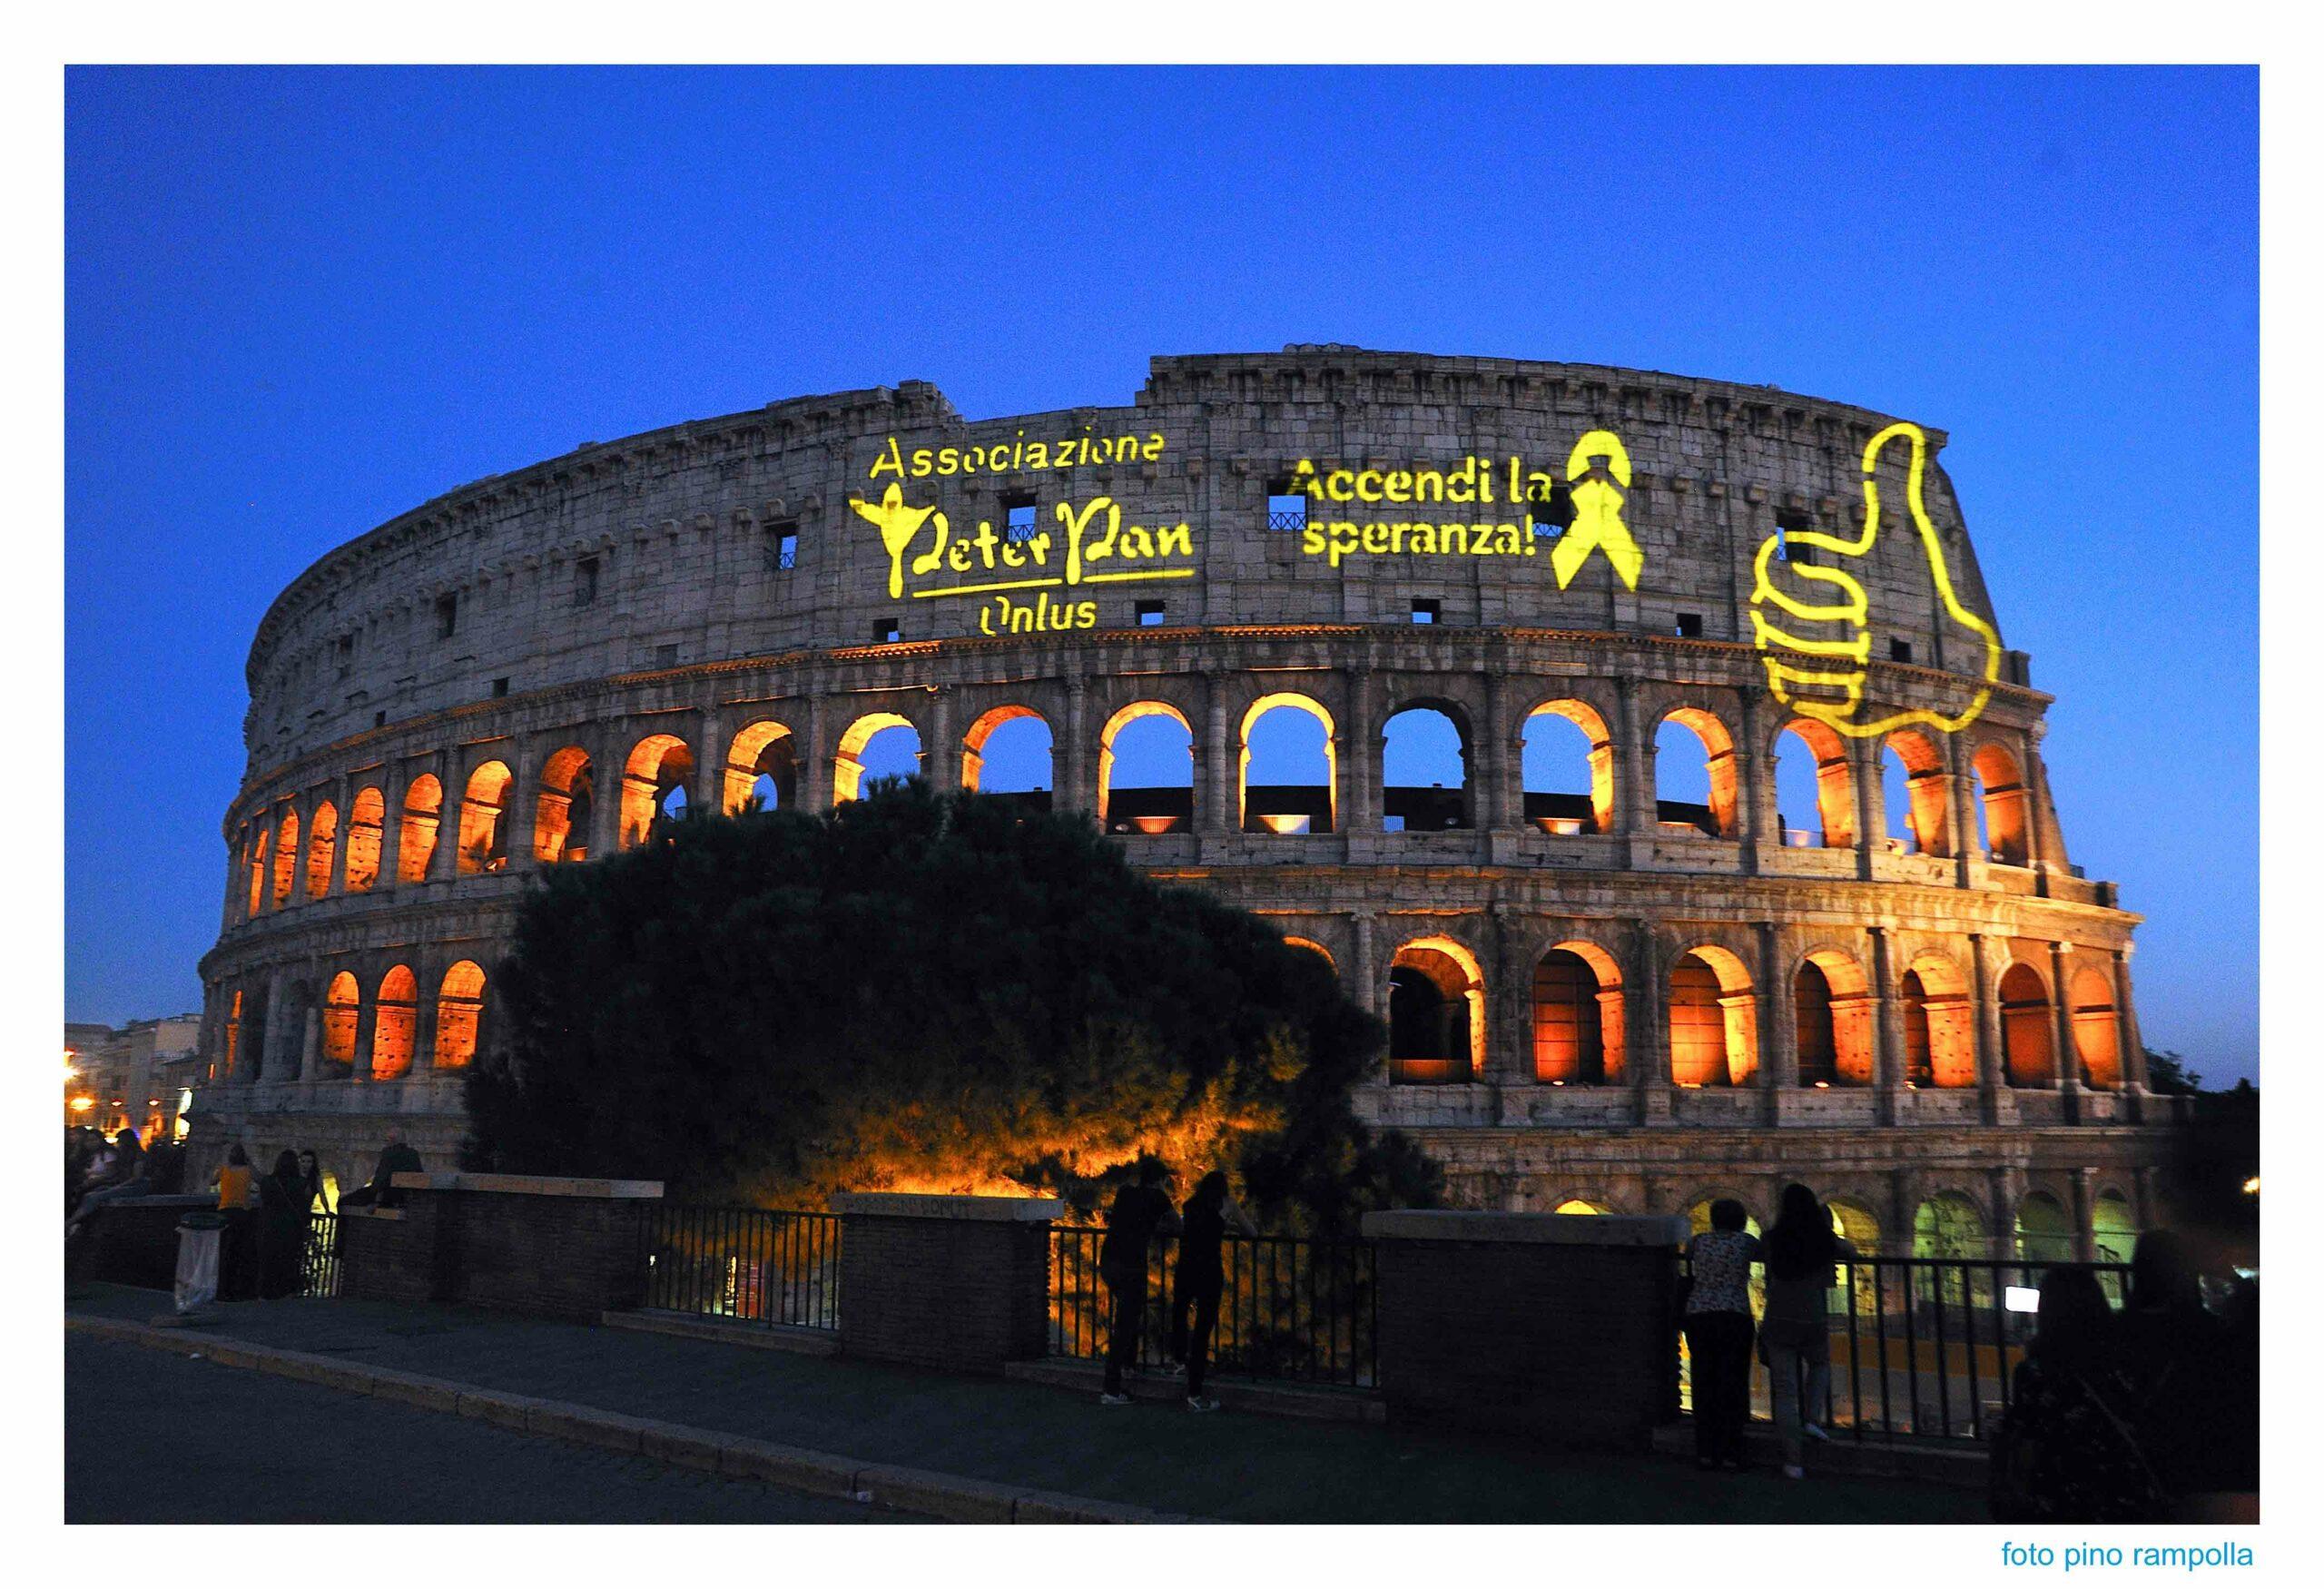 Colosseo d'oro Peter Pan accendi la speranza